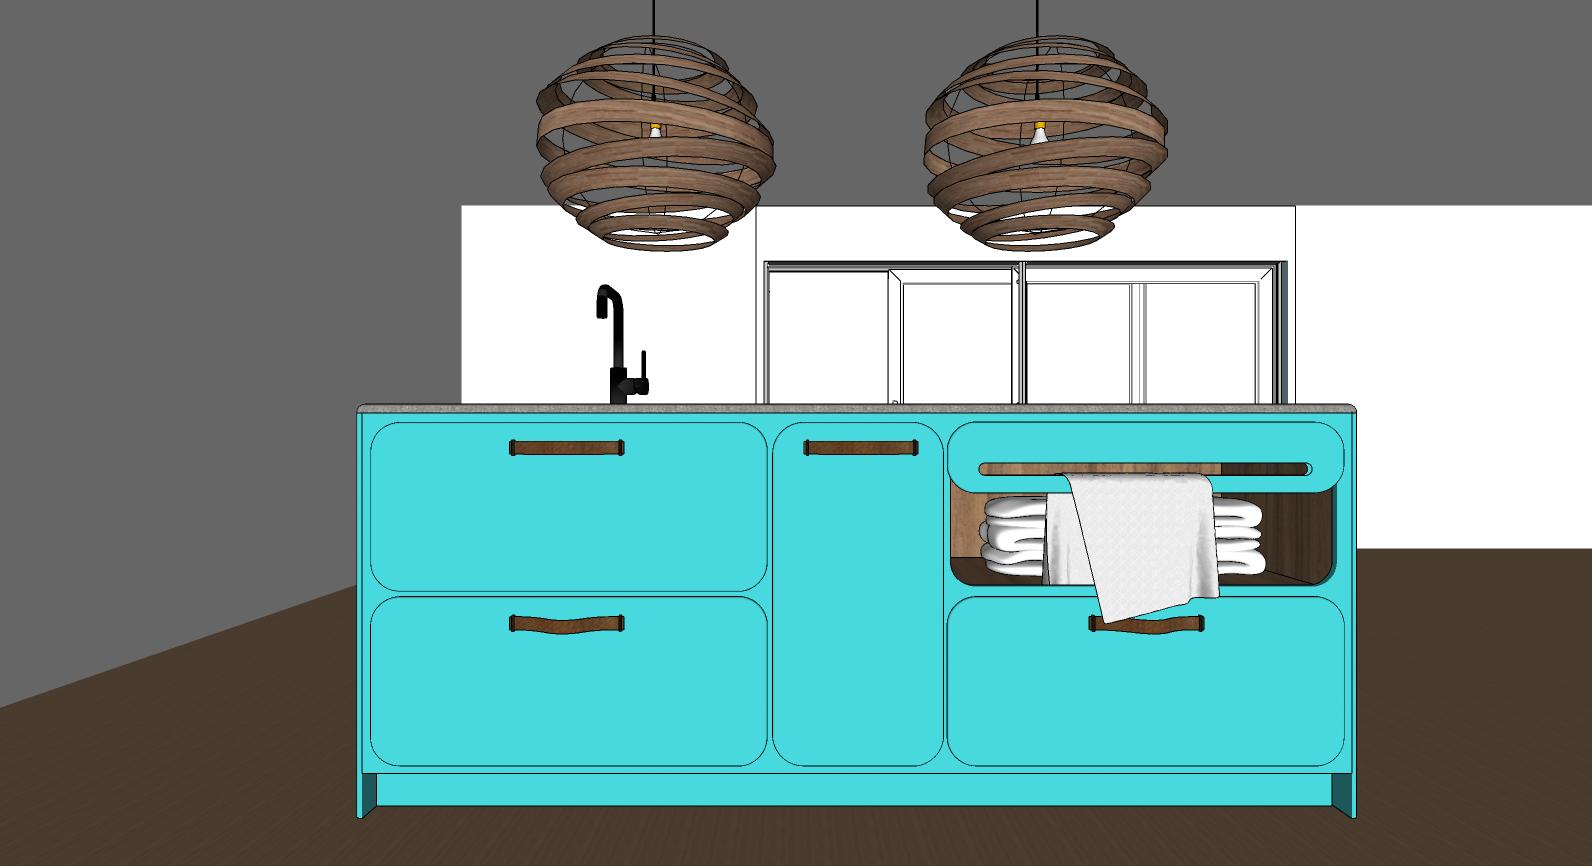 retro keuken in nieuw jasje voorkant